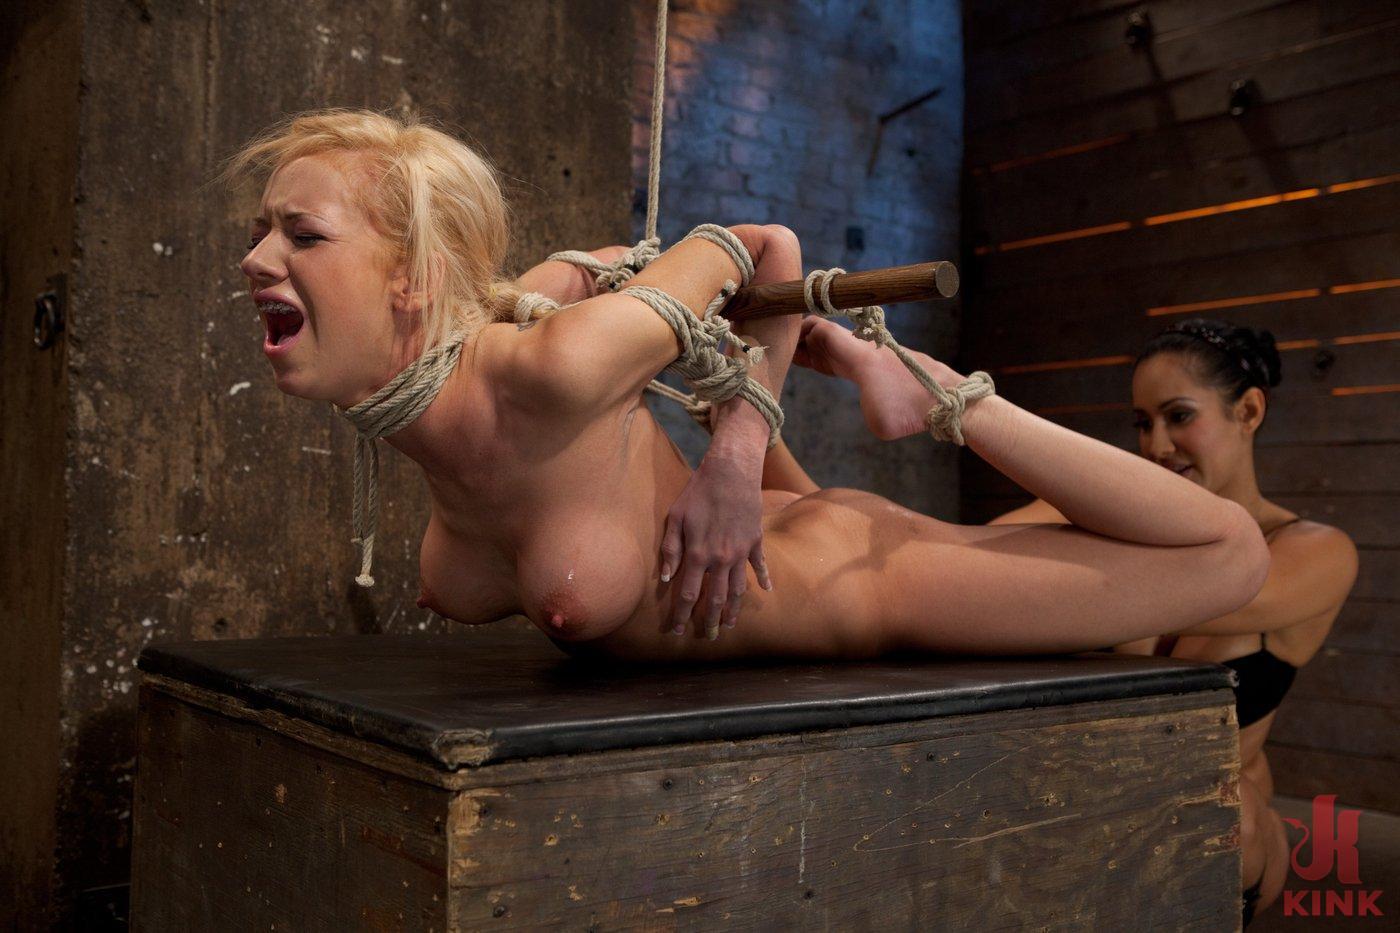 Daphne rosen anal fuk